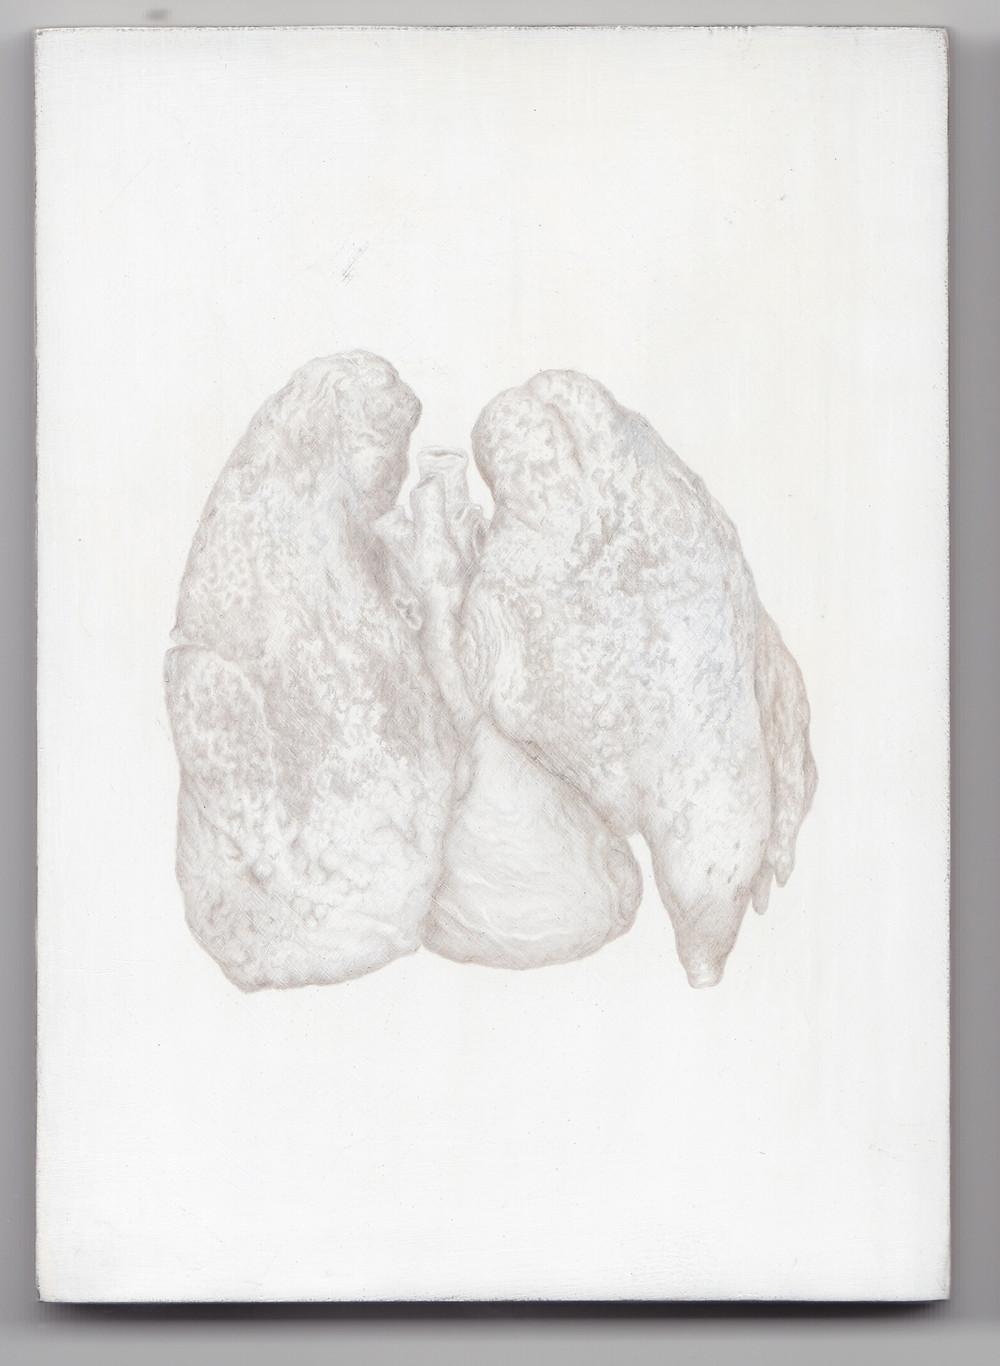 kirsty-harris-diseased+lungs-2013-600dpi.jpg